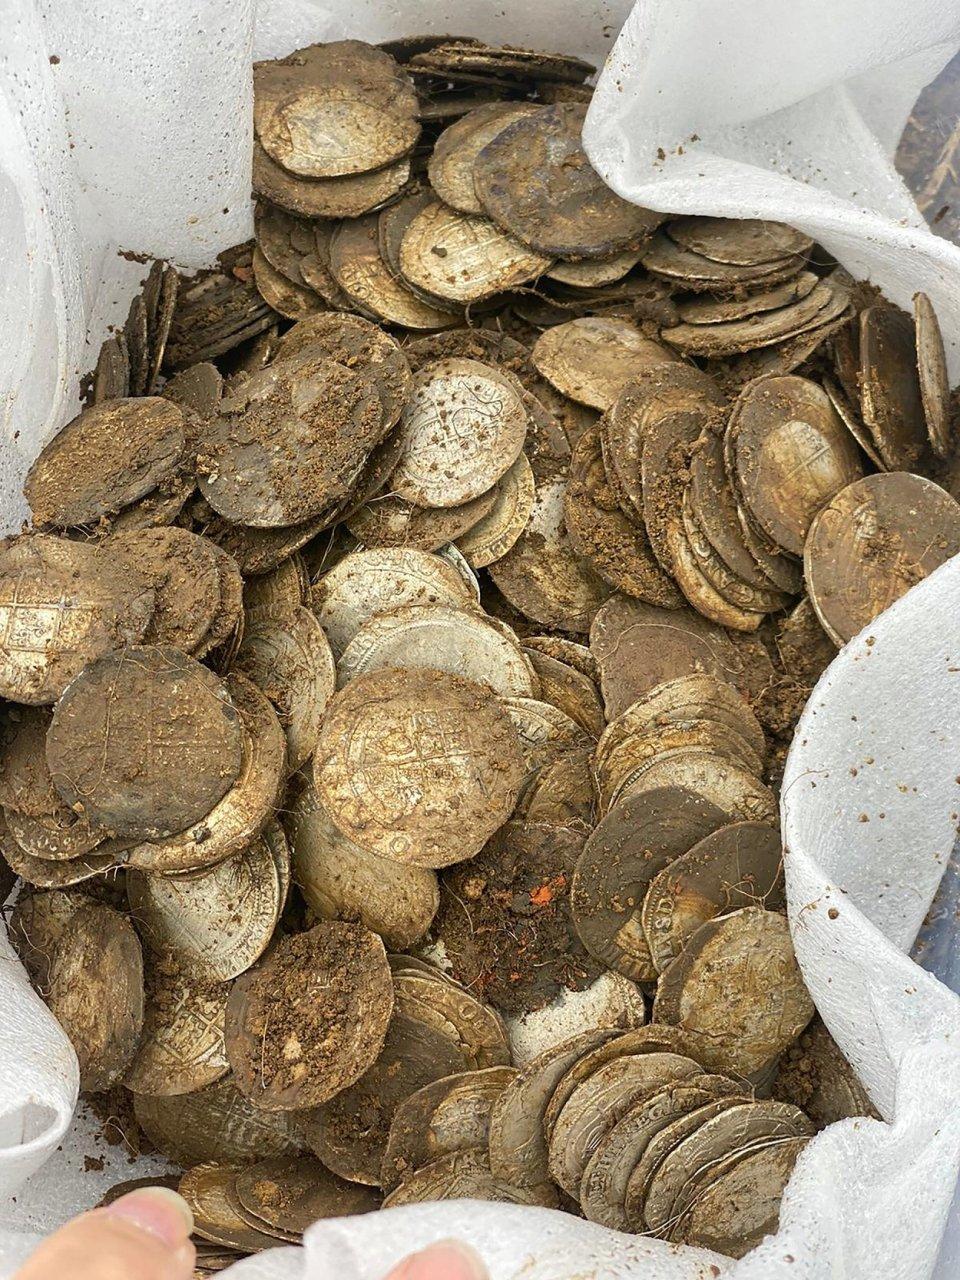 ¡Como en las películas! Hombre encuentra un tesoro valuado en más de 2 millones de pesos